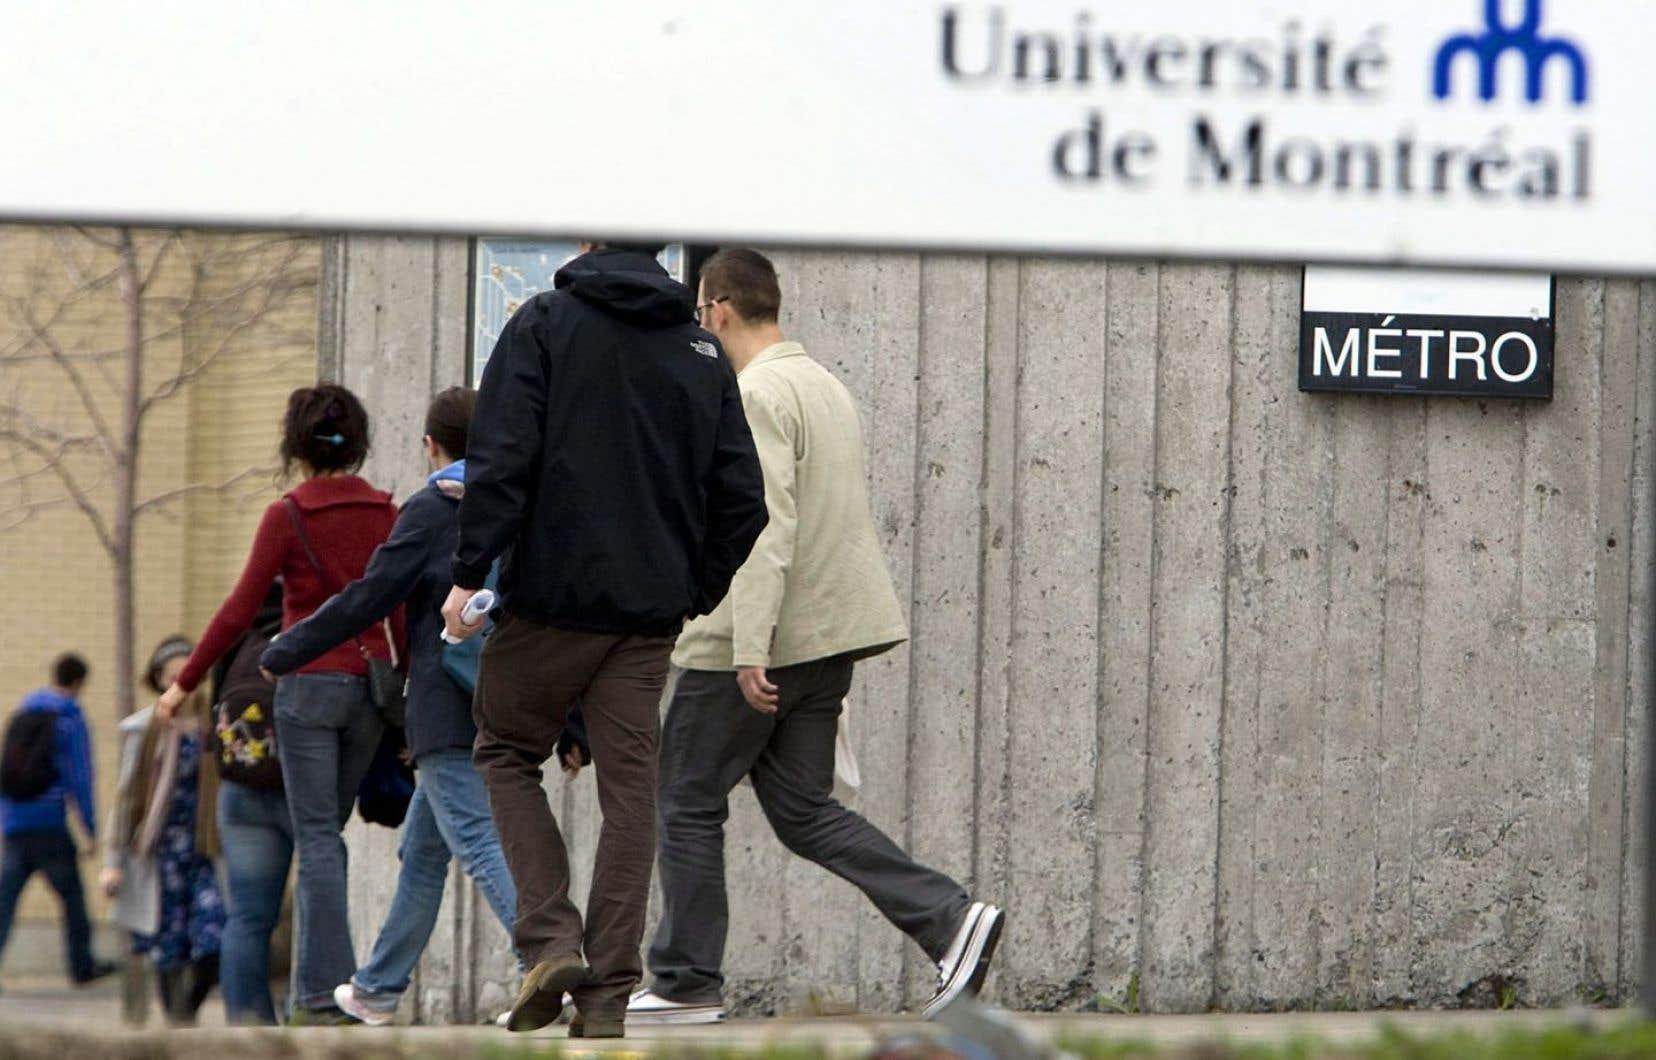 Pour le professeur agrégé de l'Université de Montréal et docteur en neuropsychologie, Dave Ellemberg, un avantage majeur de la structure des études supérieures réside dans le fait qu'il y a beaucoup plus de flexibilité pour l'étudiant.